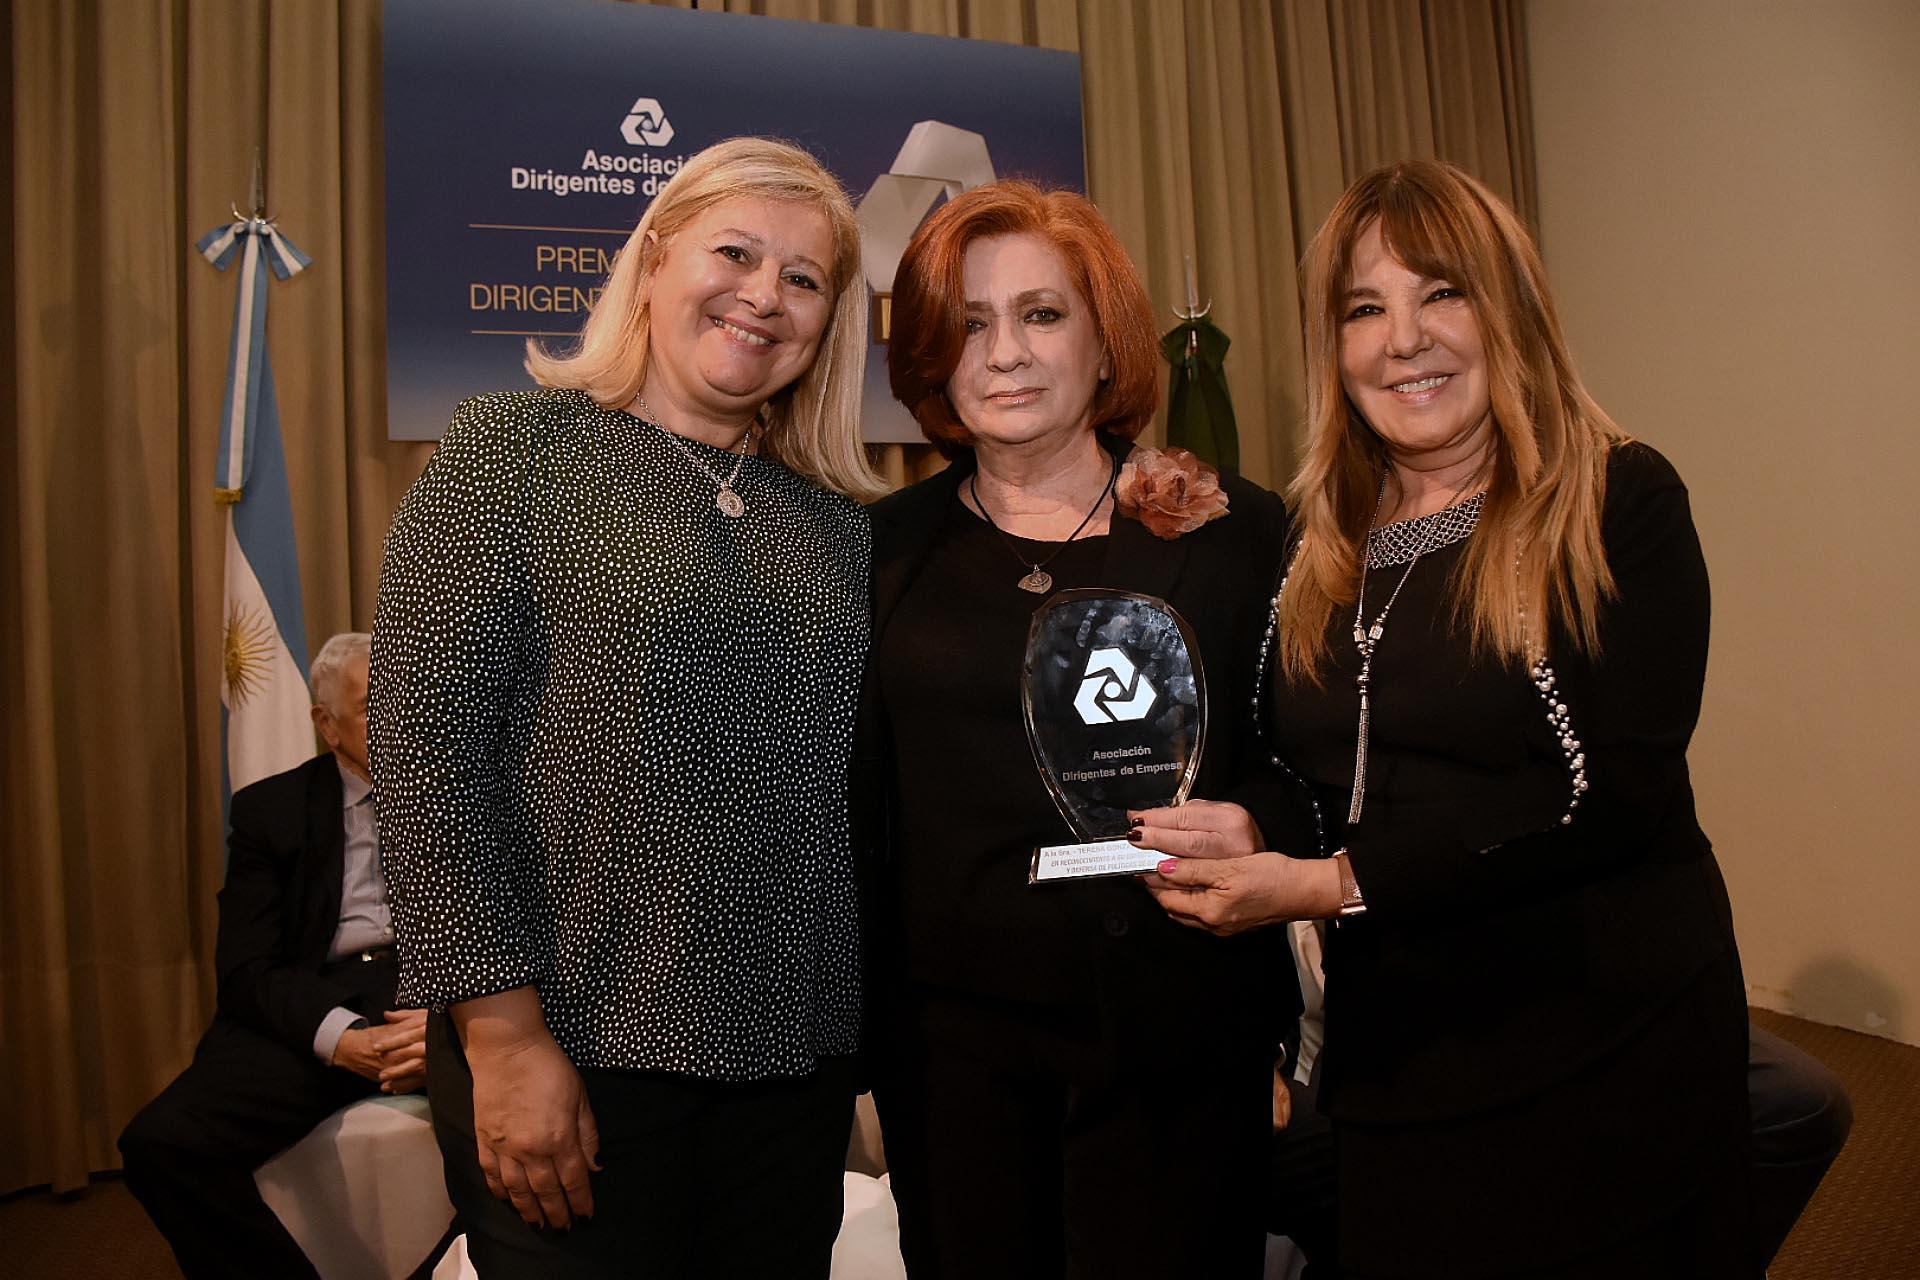 La presidente de ALPI, Teresa González Fernández, obtuvo una mención especial por su labor solidaria y social